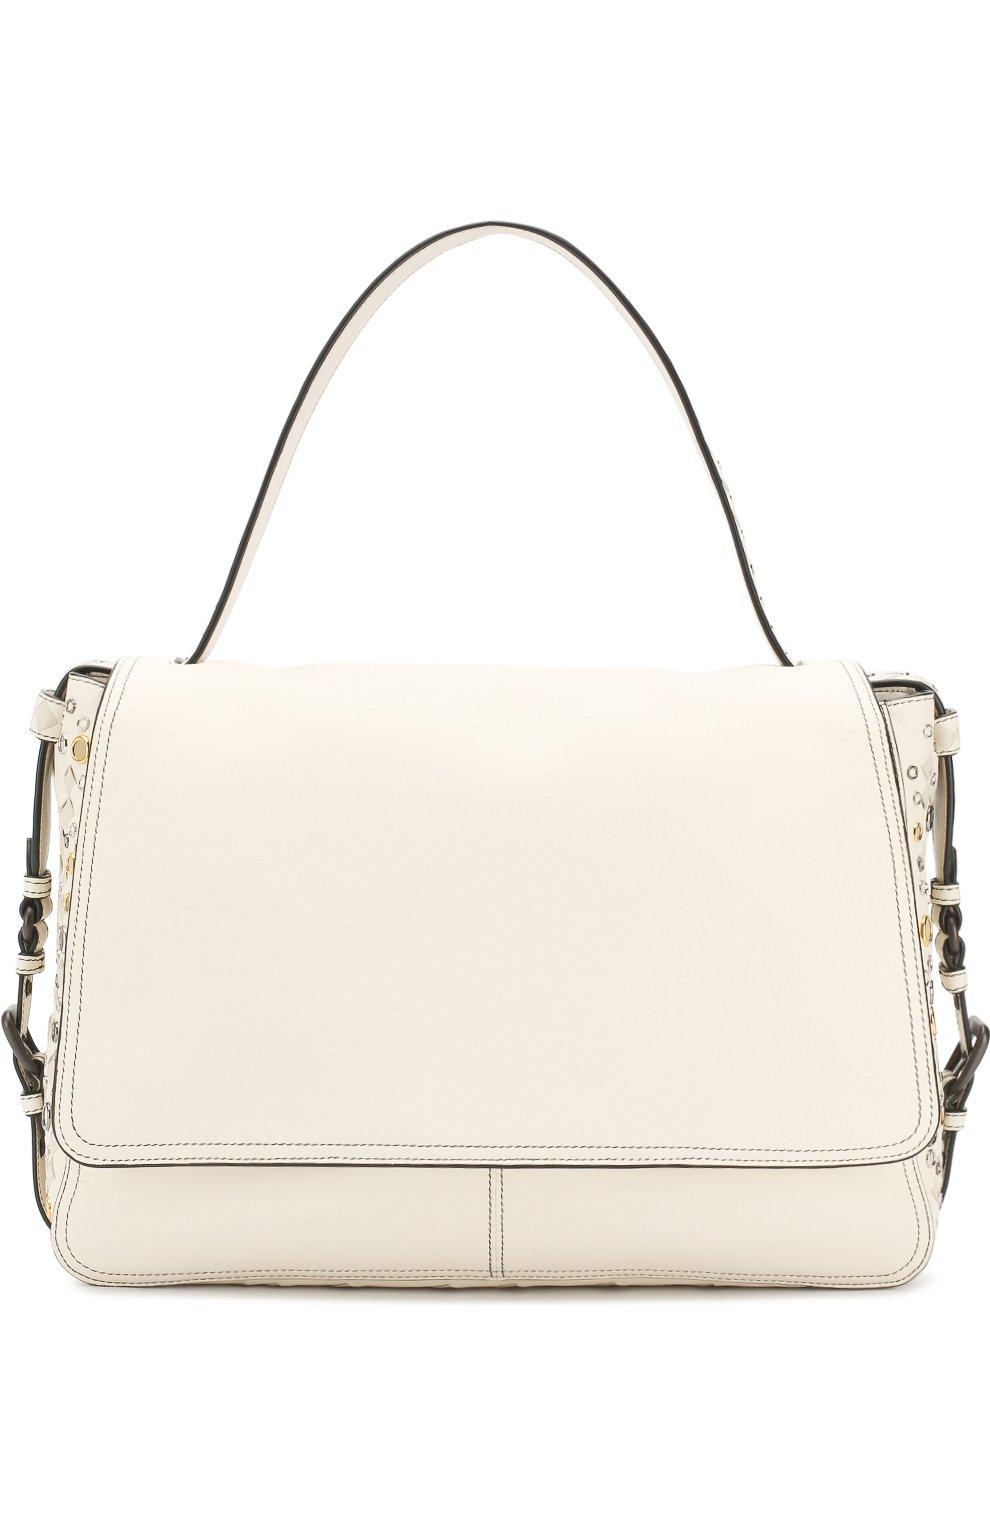 Женская сумка с плетением intrecciato BOTTEGA VENETA белого цвета, арт. 512161/V1EEQ | Фото 1